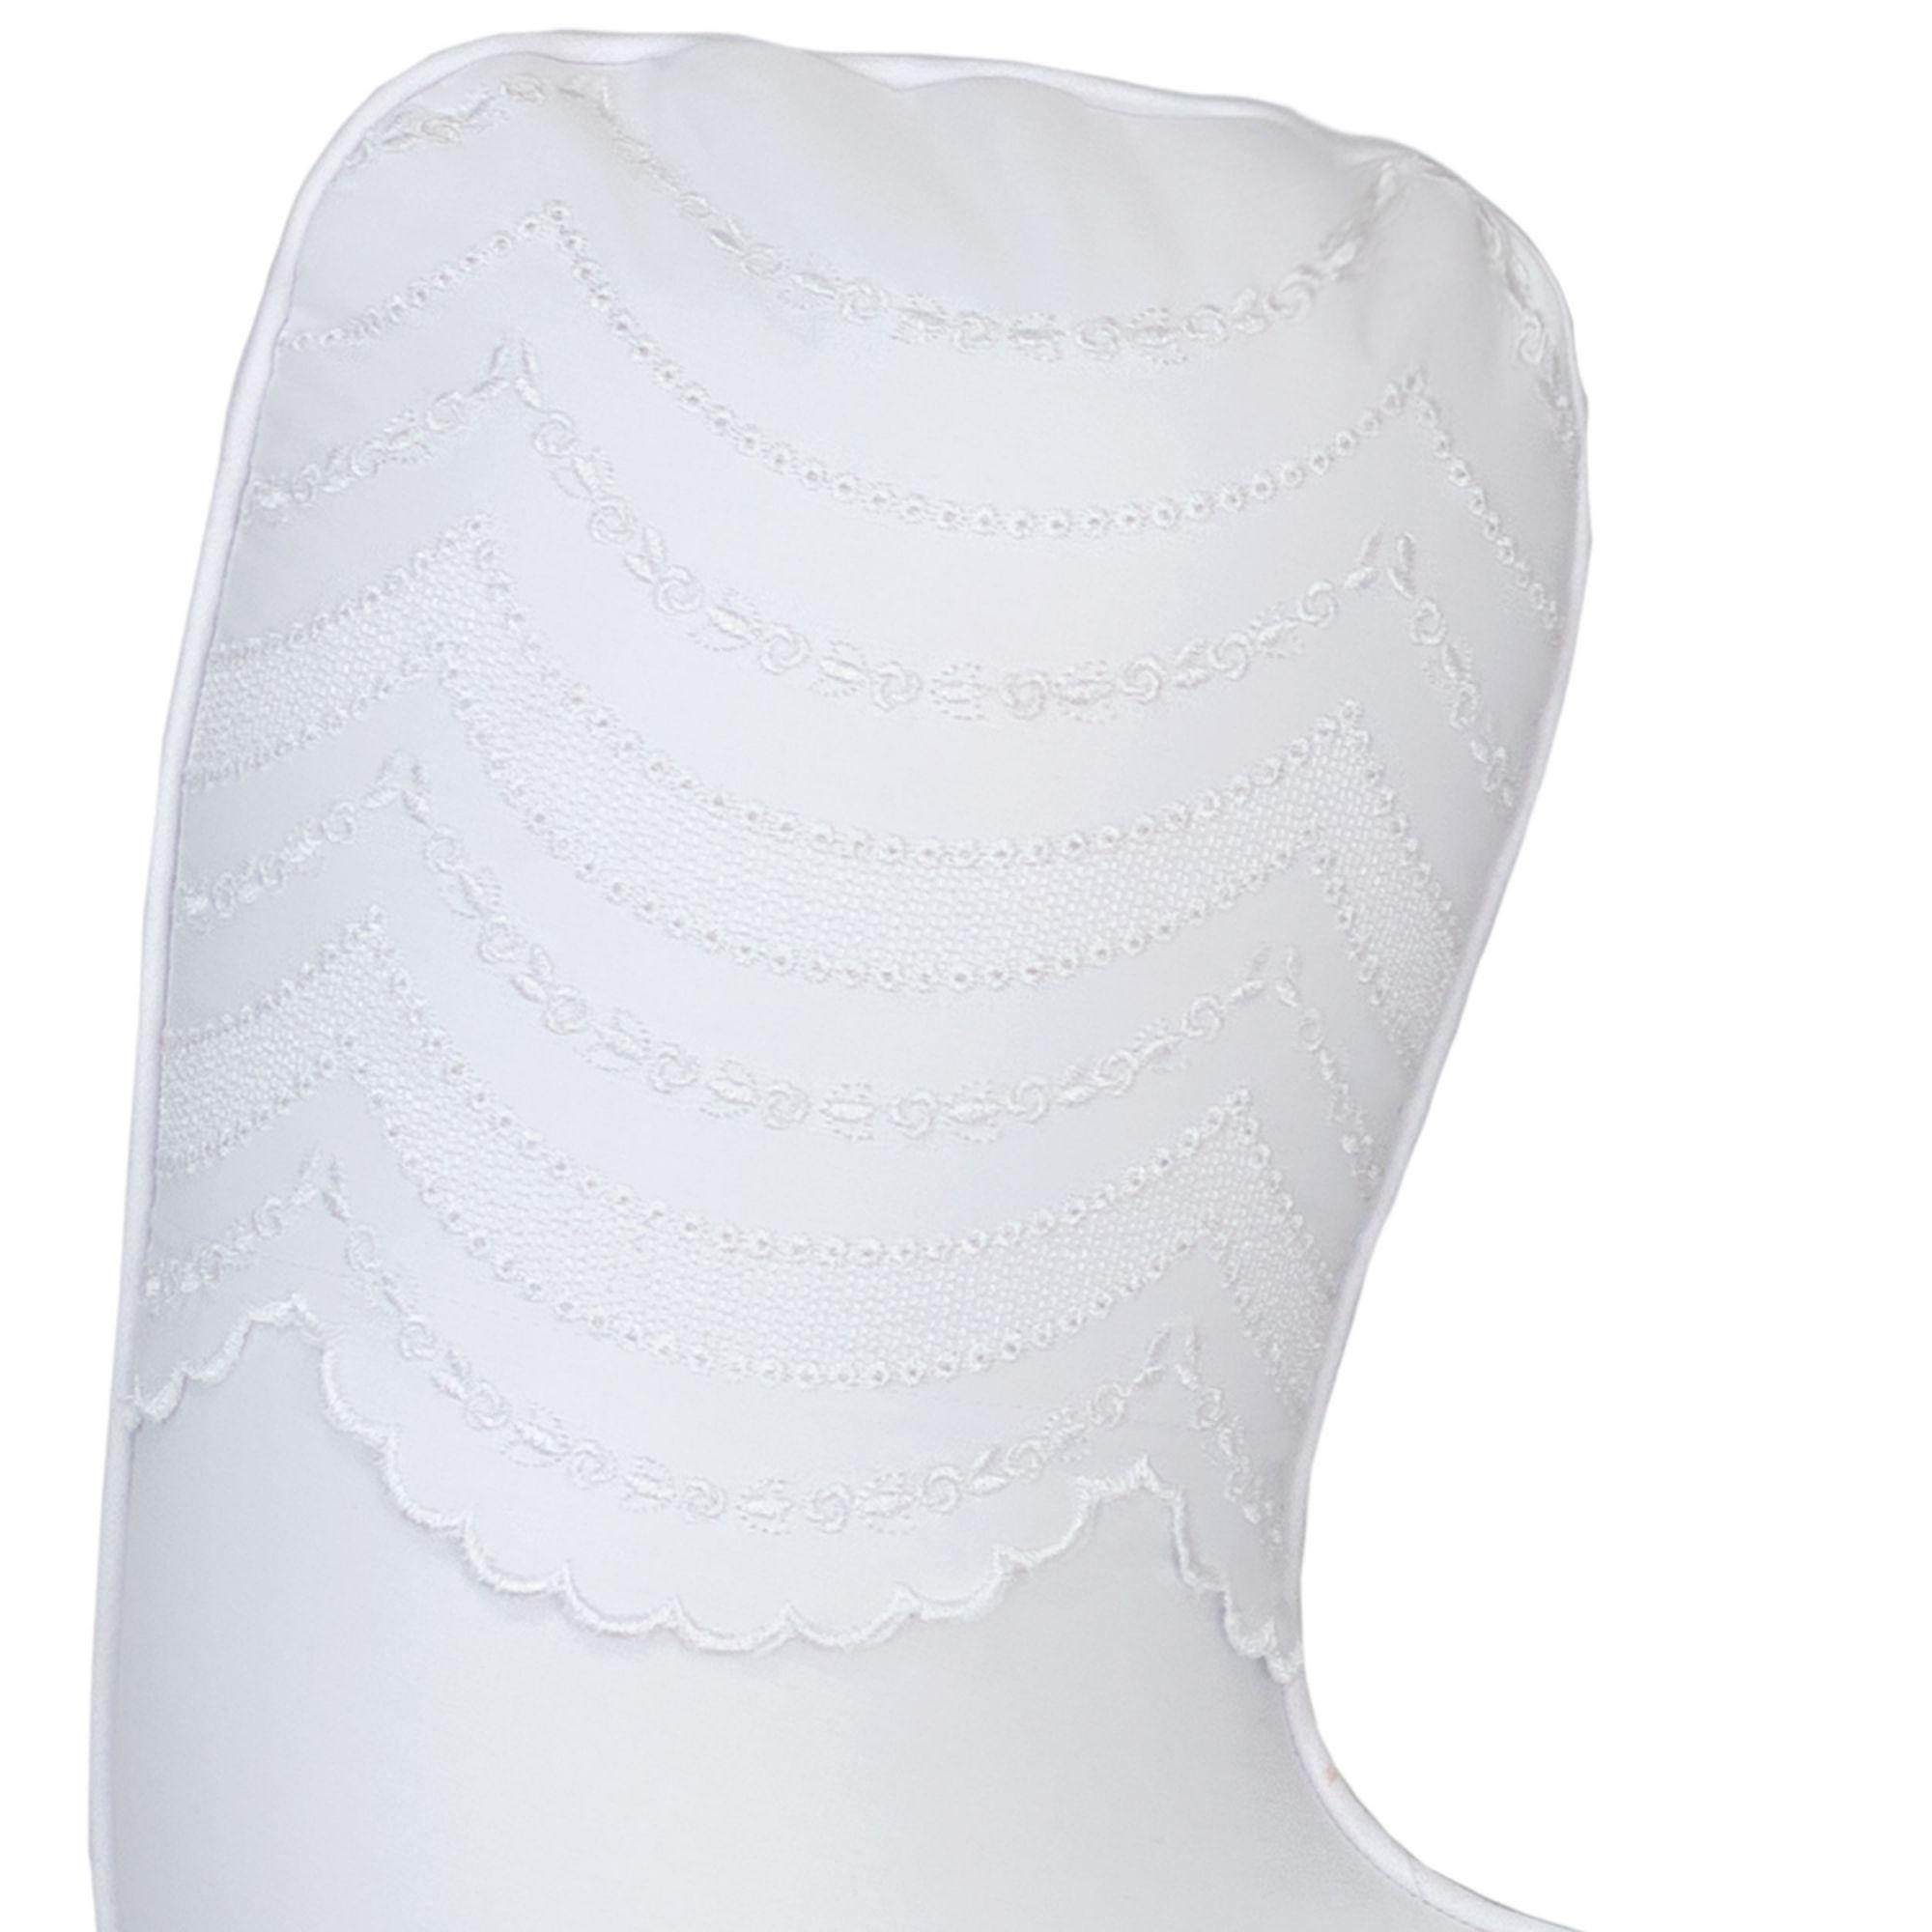 Almofada Amamentação Percal 300 Fios Bordada Branca Coleção Ashley